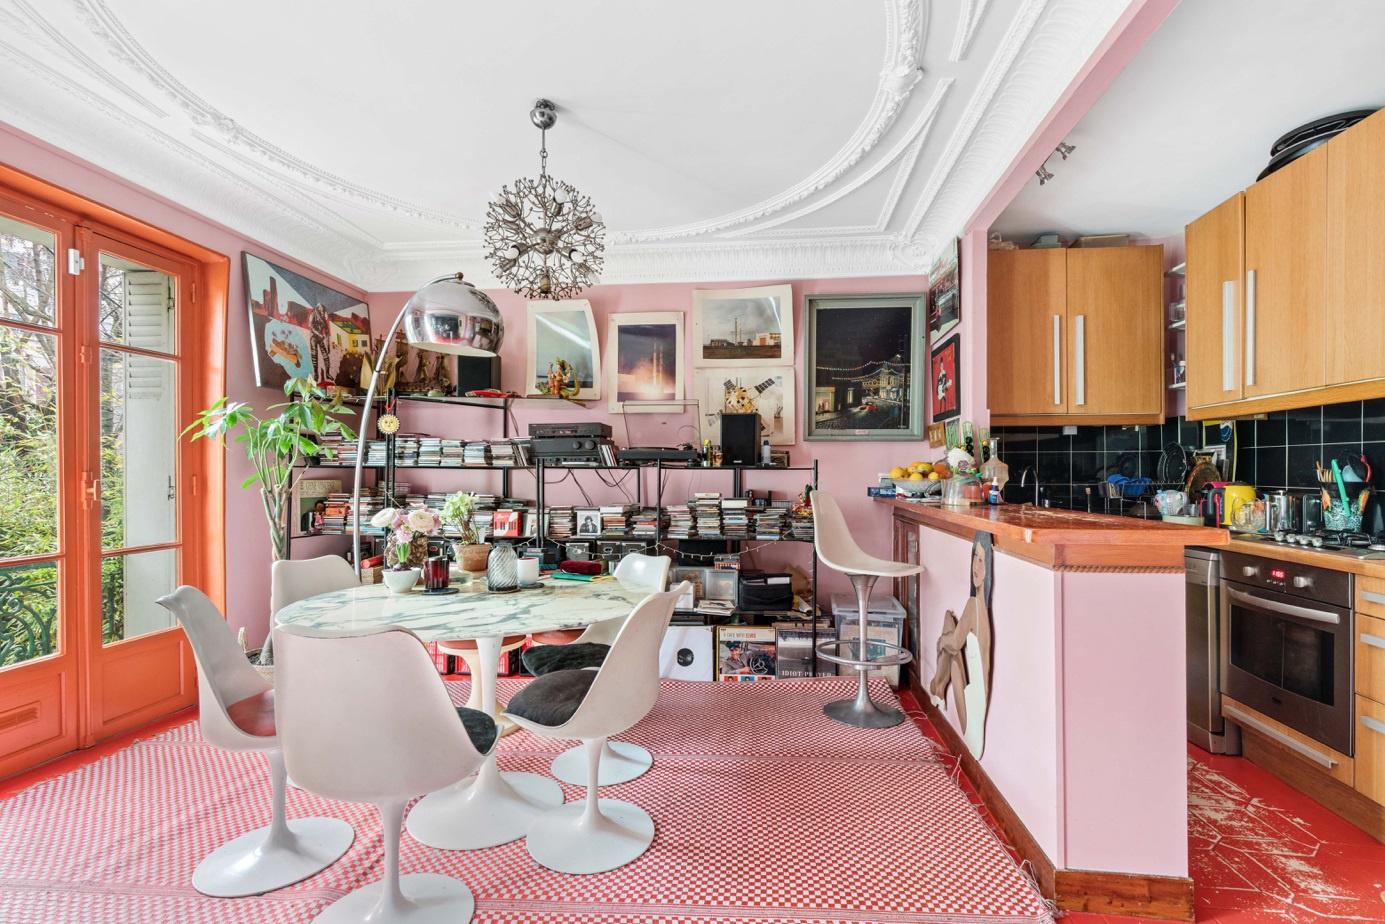 Maison À vendre - Paris / 75018